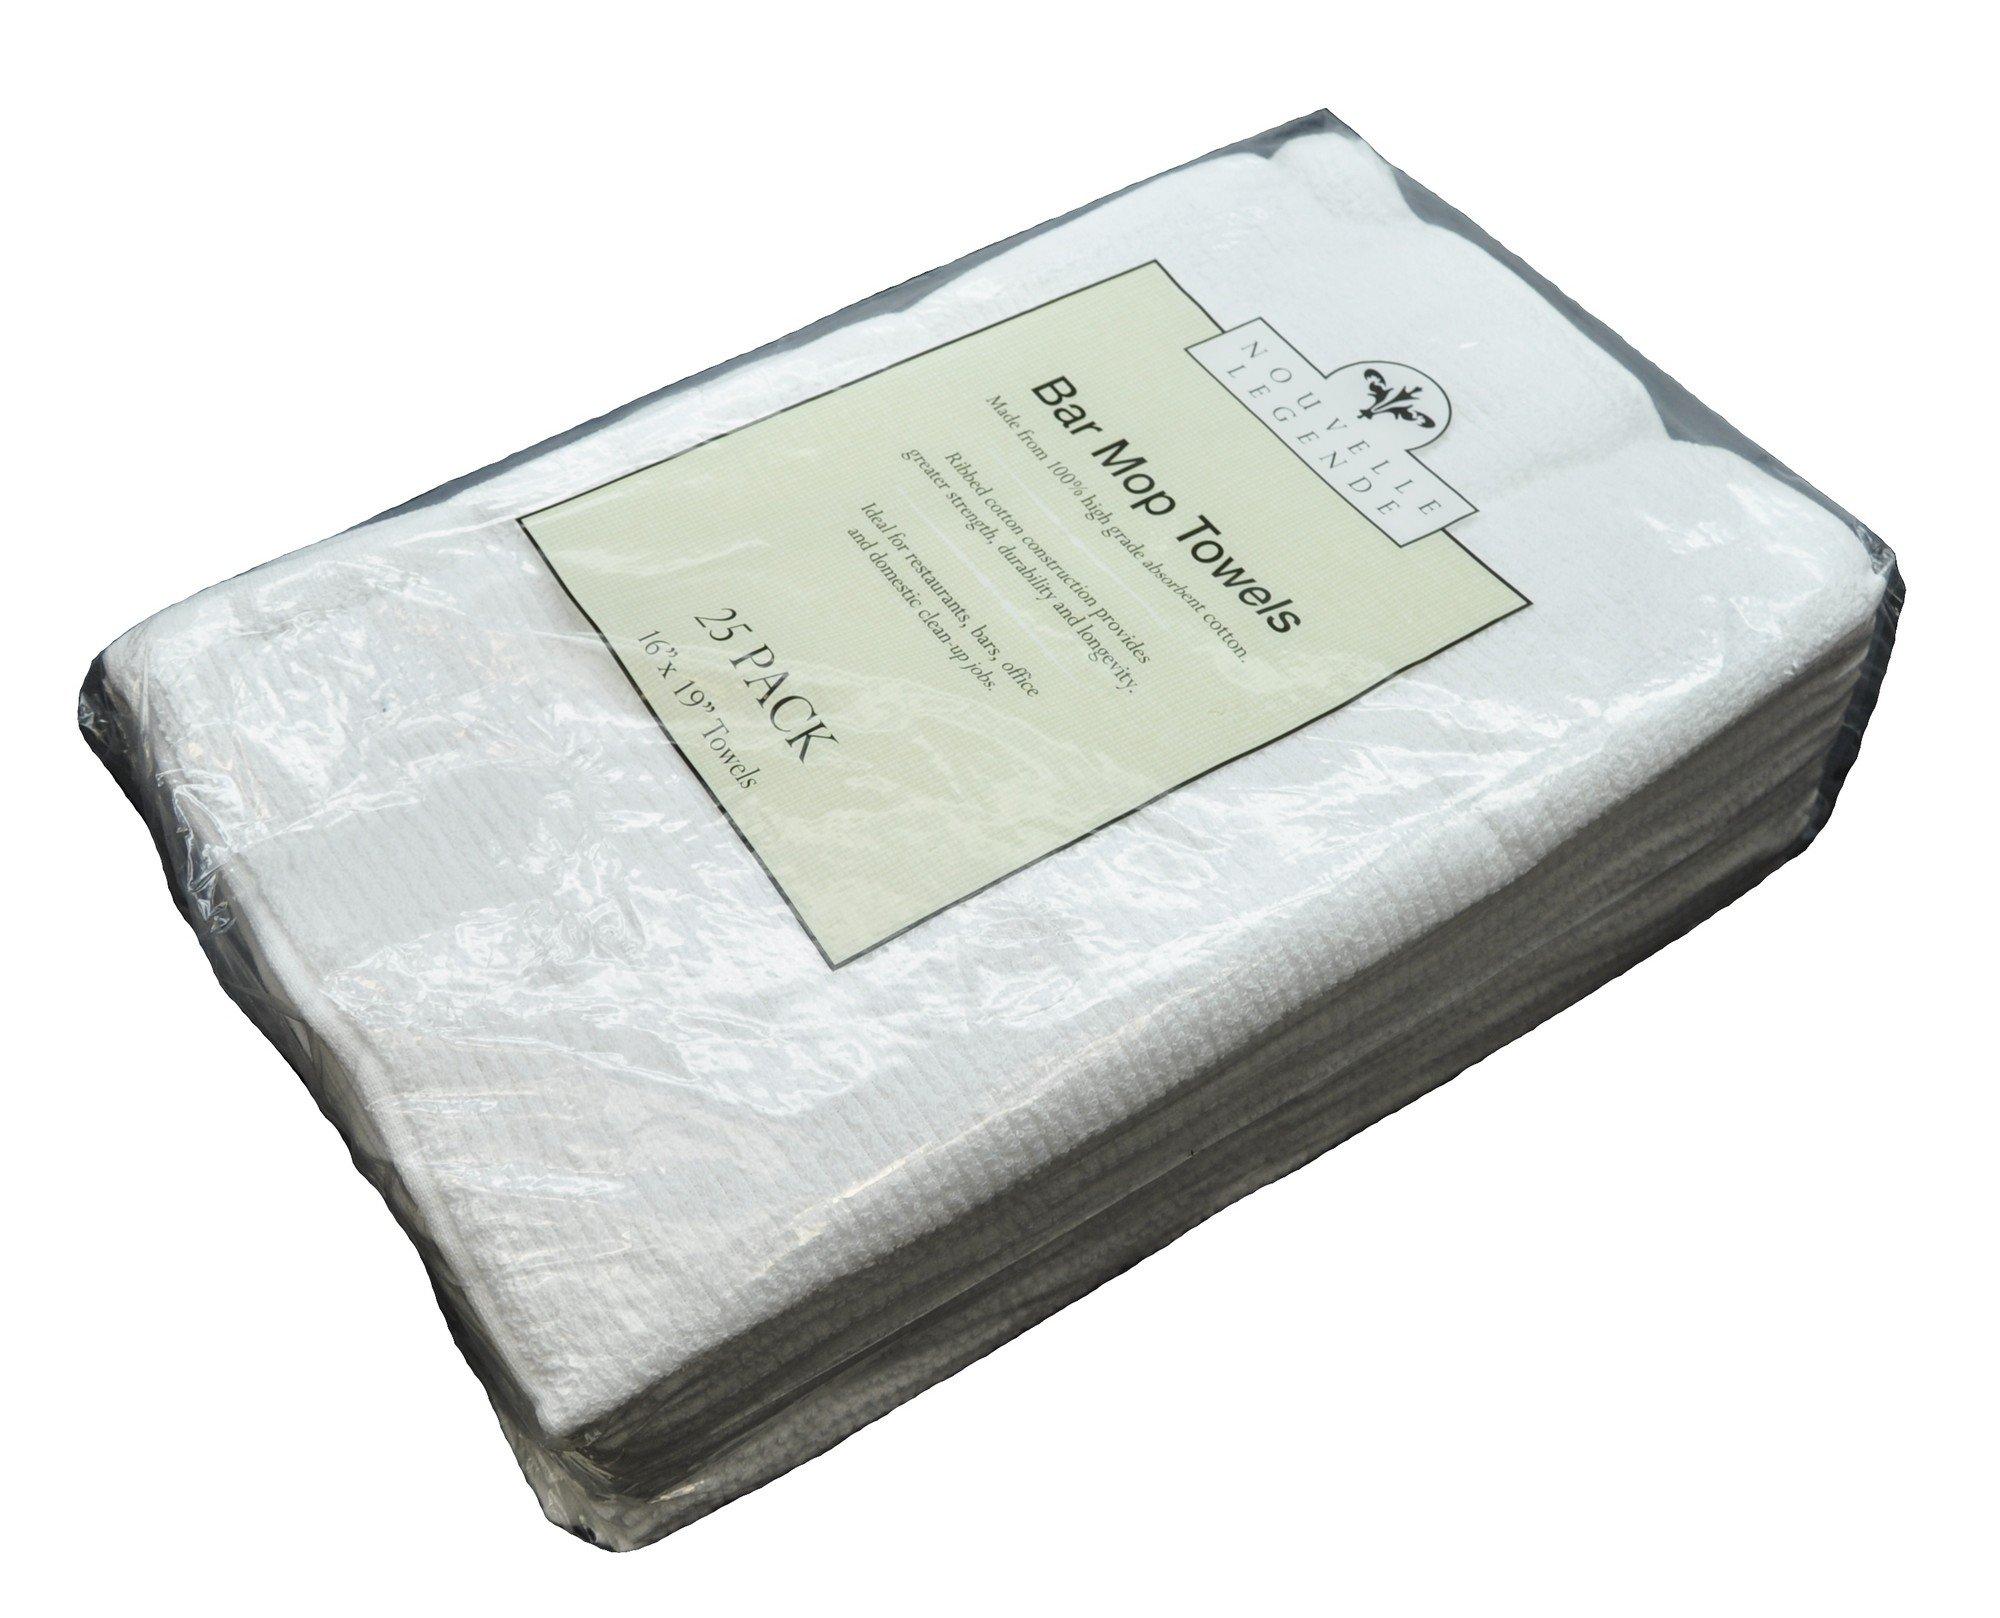 Nouvelle Legende Cotton Bar Mop Ribbed Towels Commercial Grade (25-Pack) by Nouvelle Legende (Image #5)